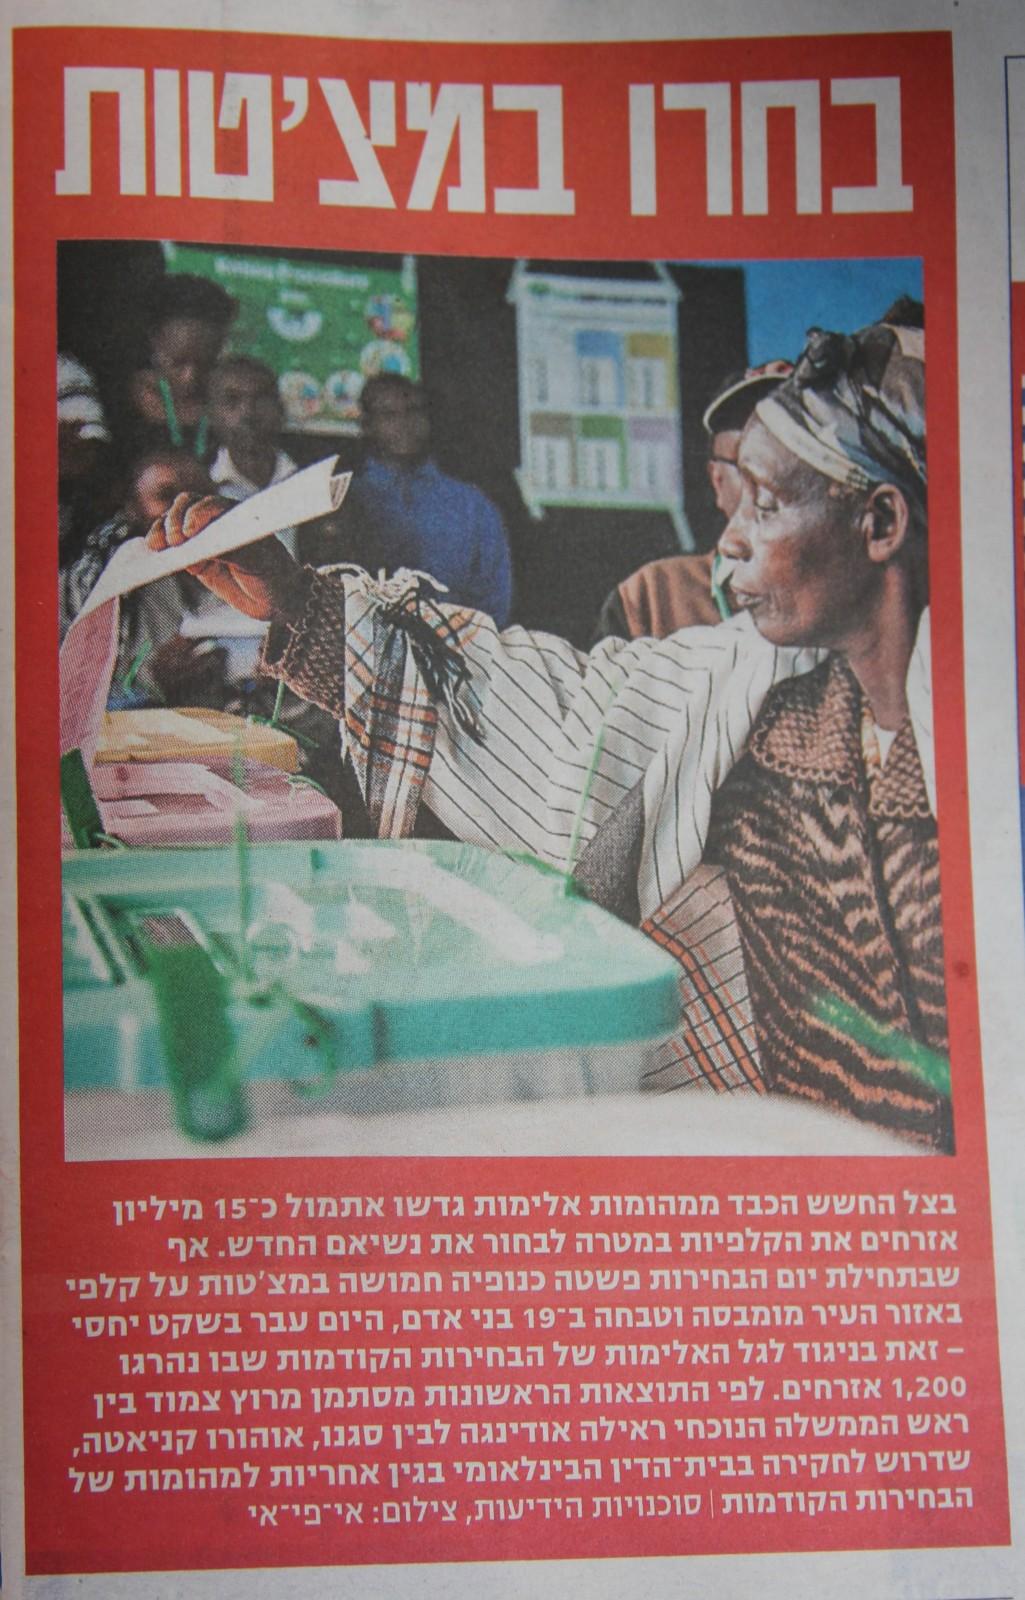 """התיקונים - בחירות באפריקה, """"ידיעות אחרונות"""", 5.3.2013"""